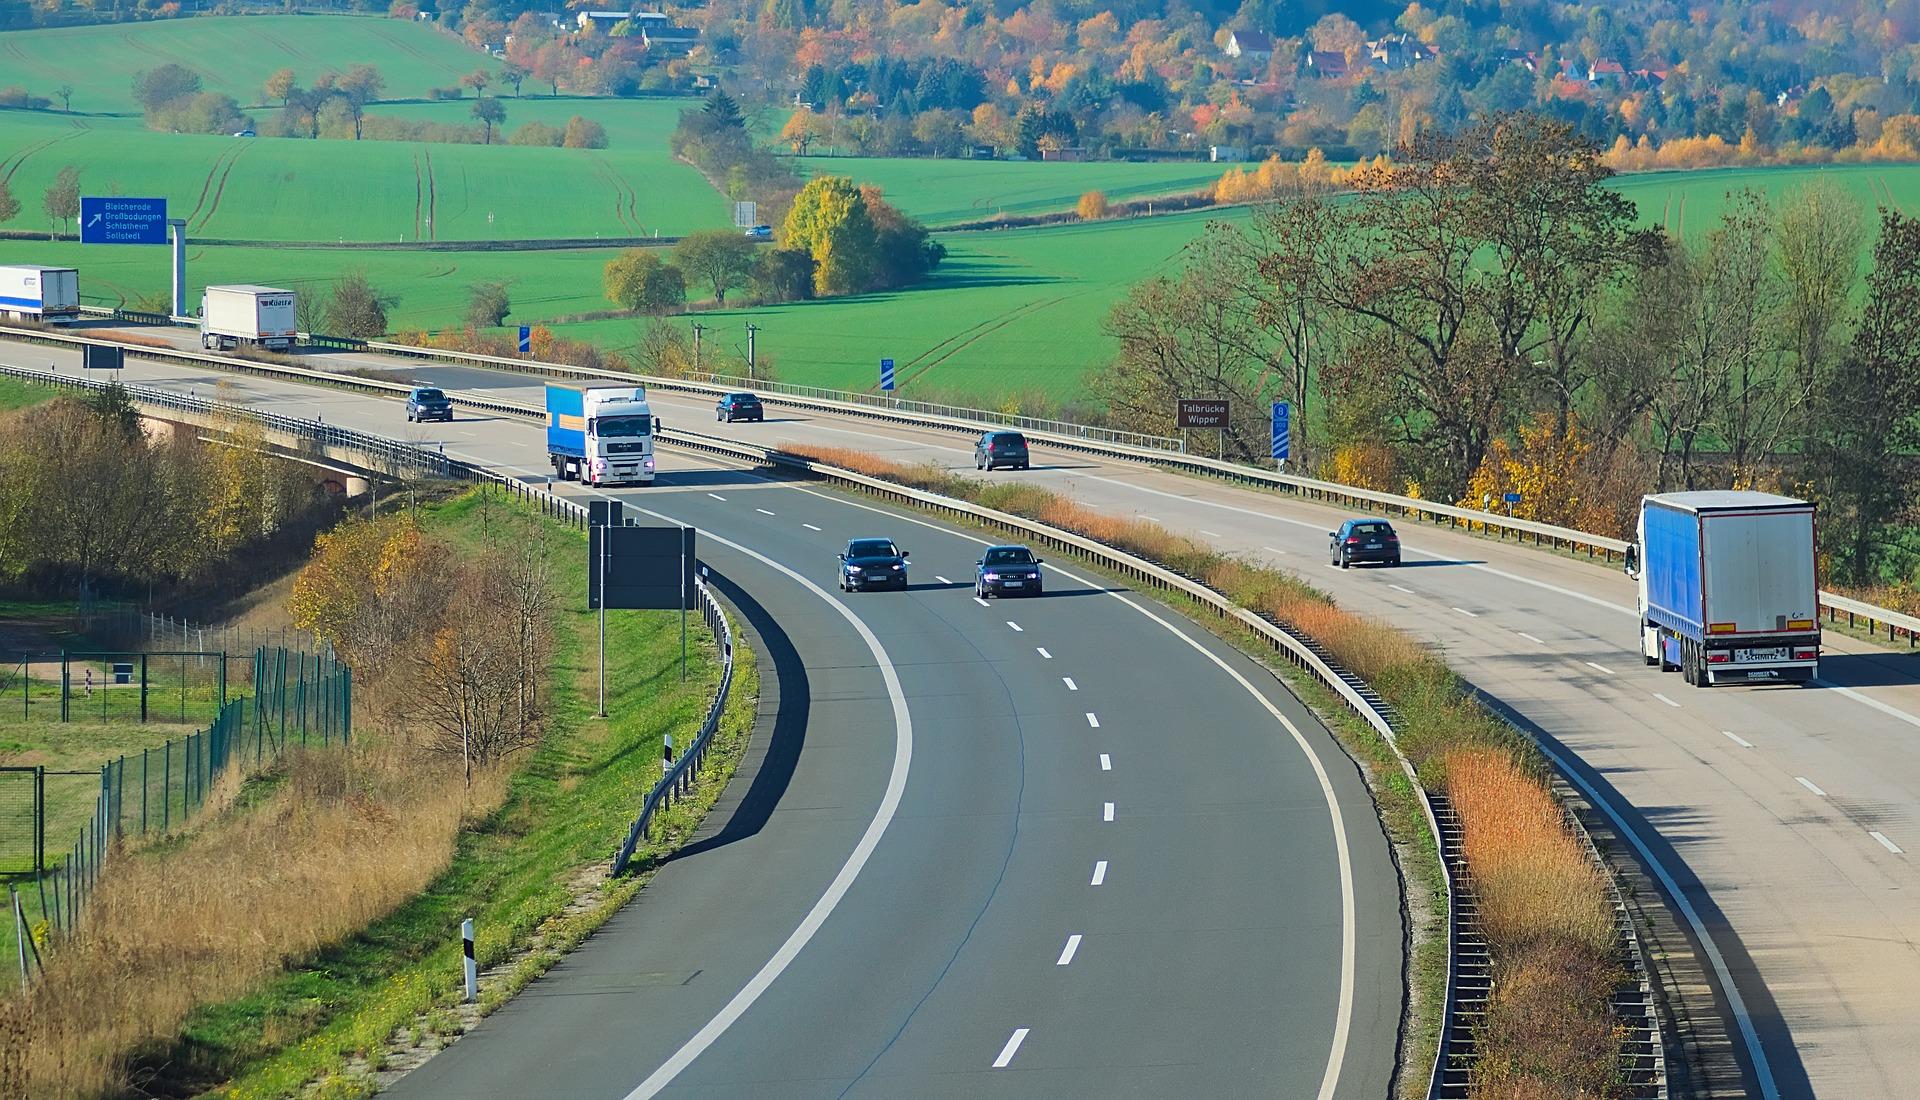 mid Groß-Gerau - Erstmals soll es für Diesel-Fahrzeuge auch auf der Autobahn Fahrverbote geben. HansLinde / pixabay.com